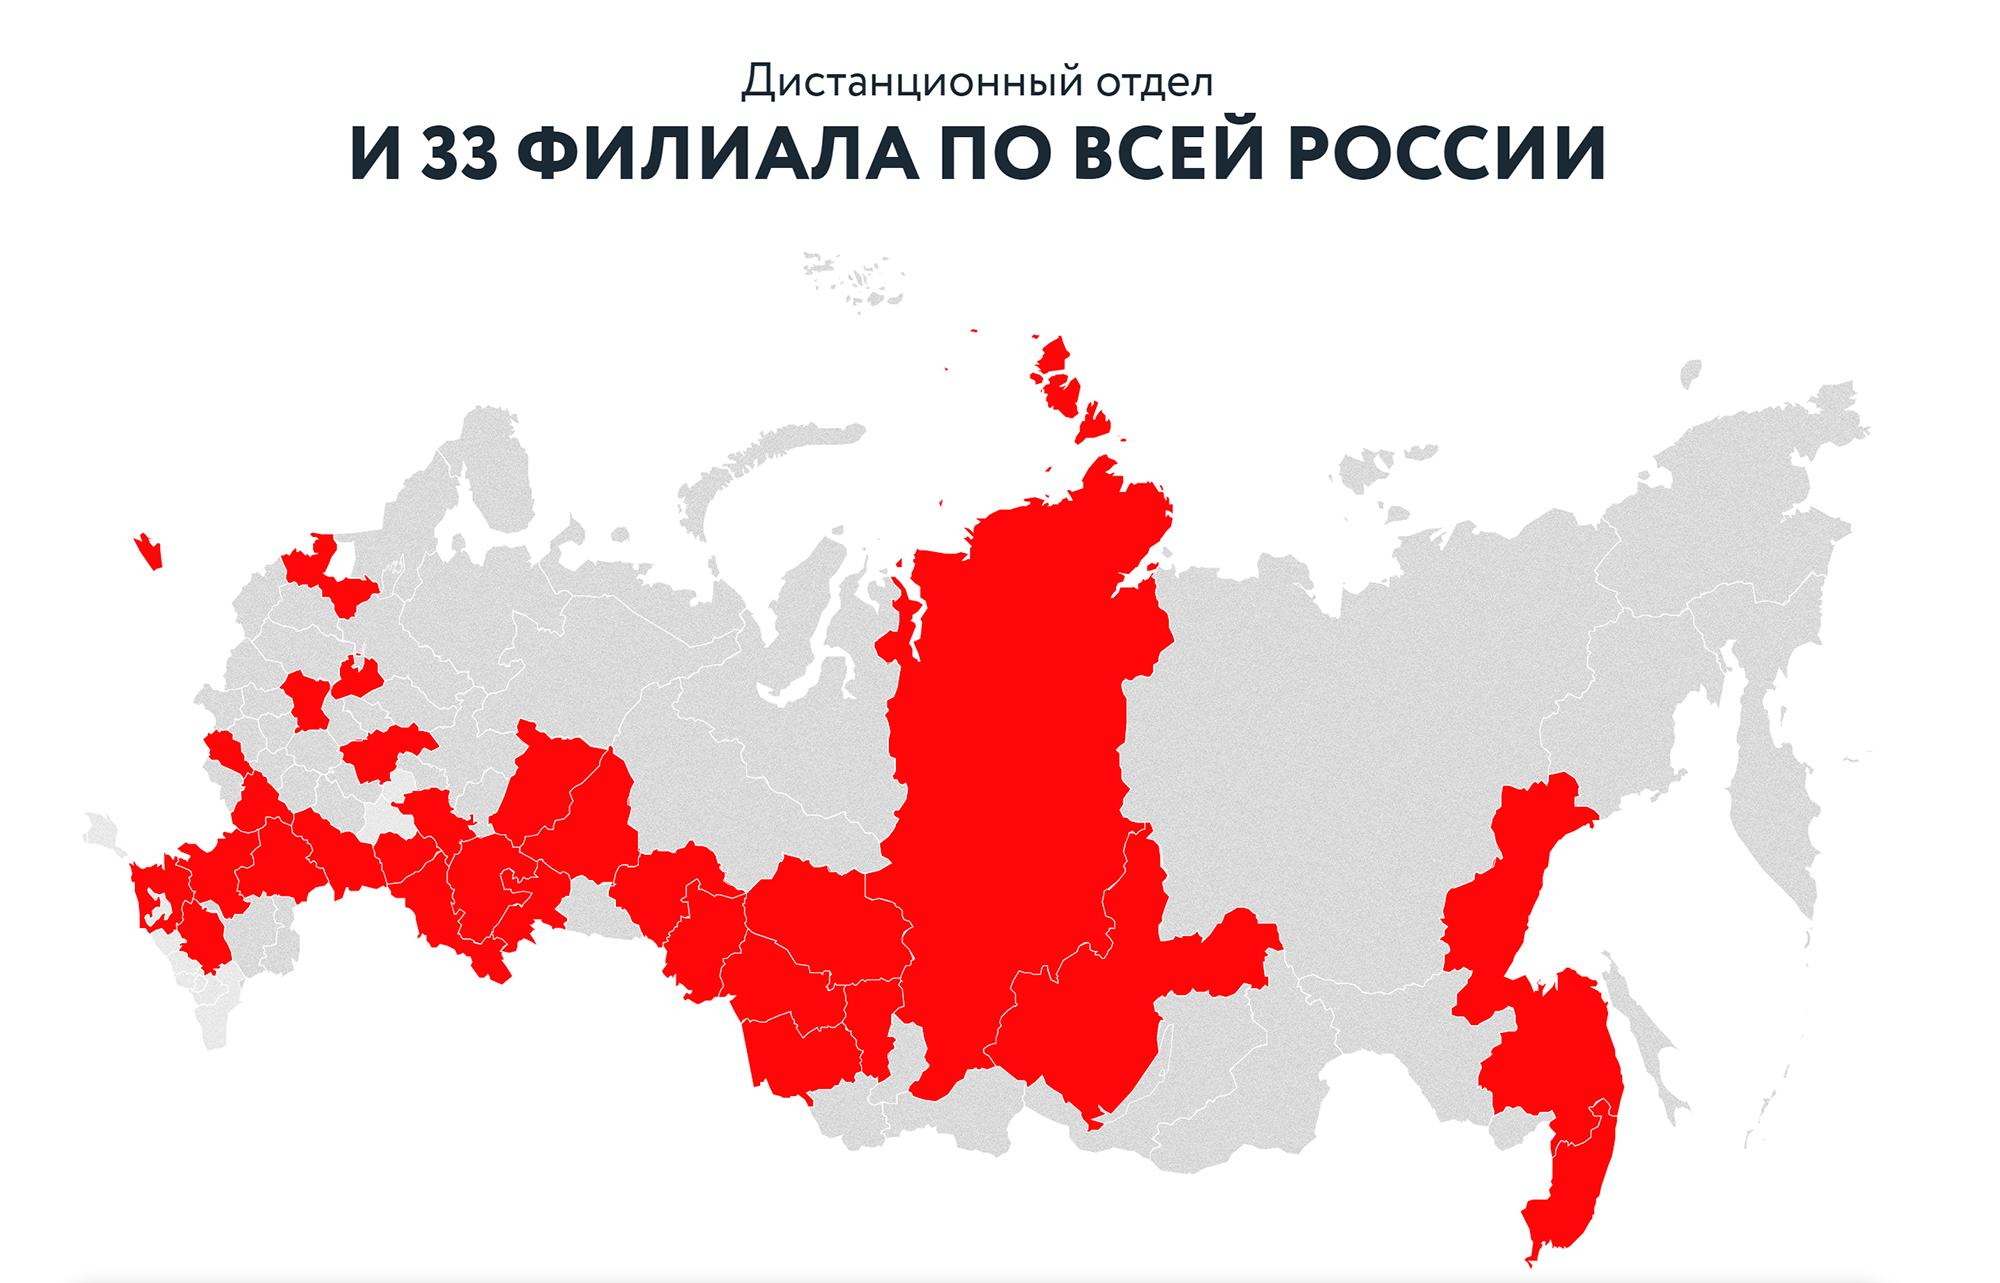 Регионы с филиалами «Призыванет-ру». На момент написания статьи у компании 20 филиалов по версии hh.ru, во Вконтакте говорится про 23, на priziva.net — про 28, по версии prizivanet.com — уже 33